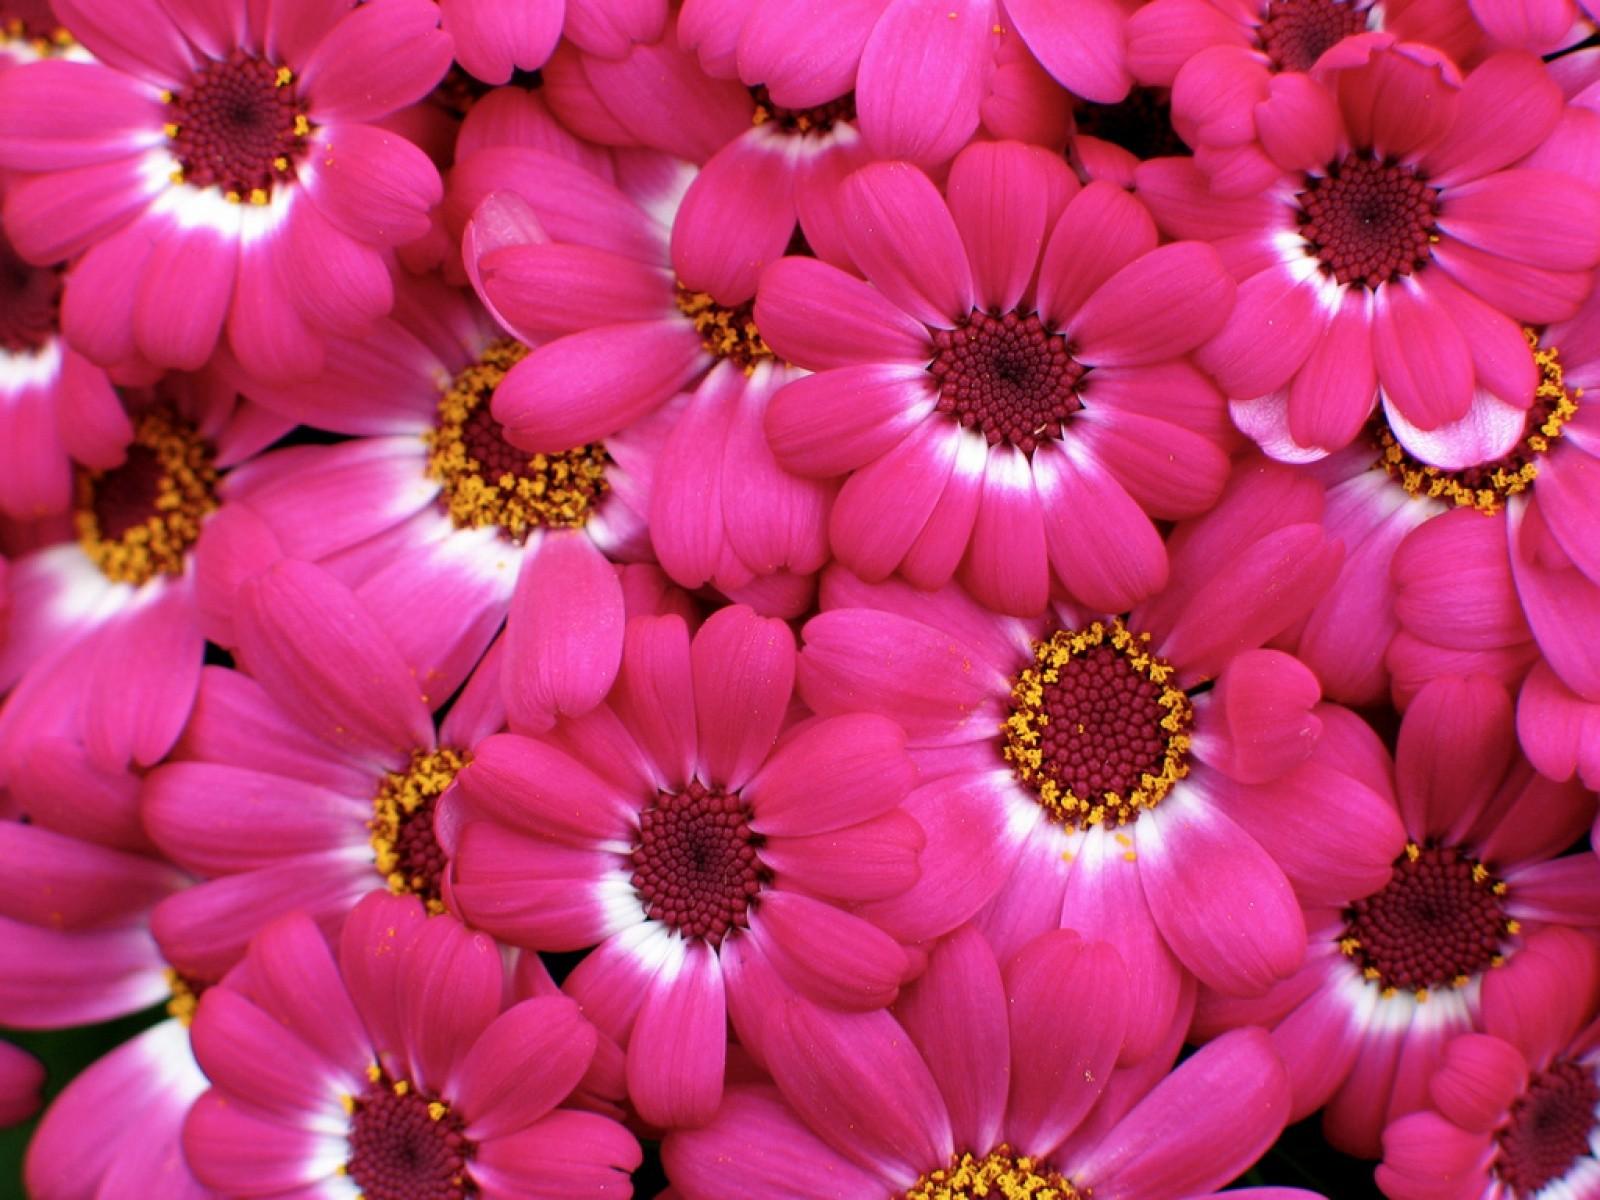 pinks photo